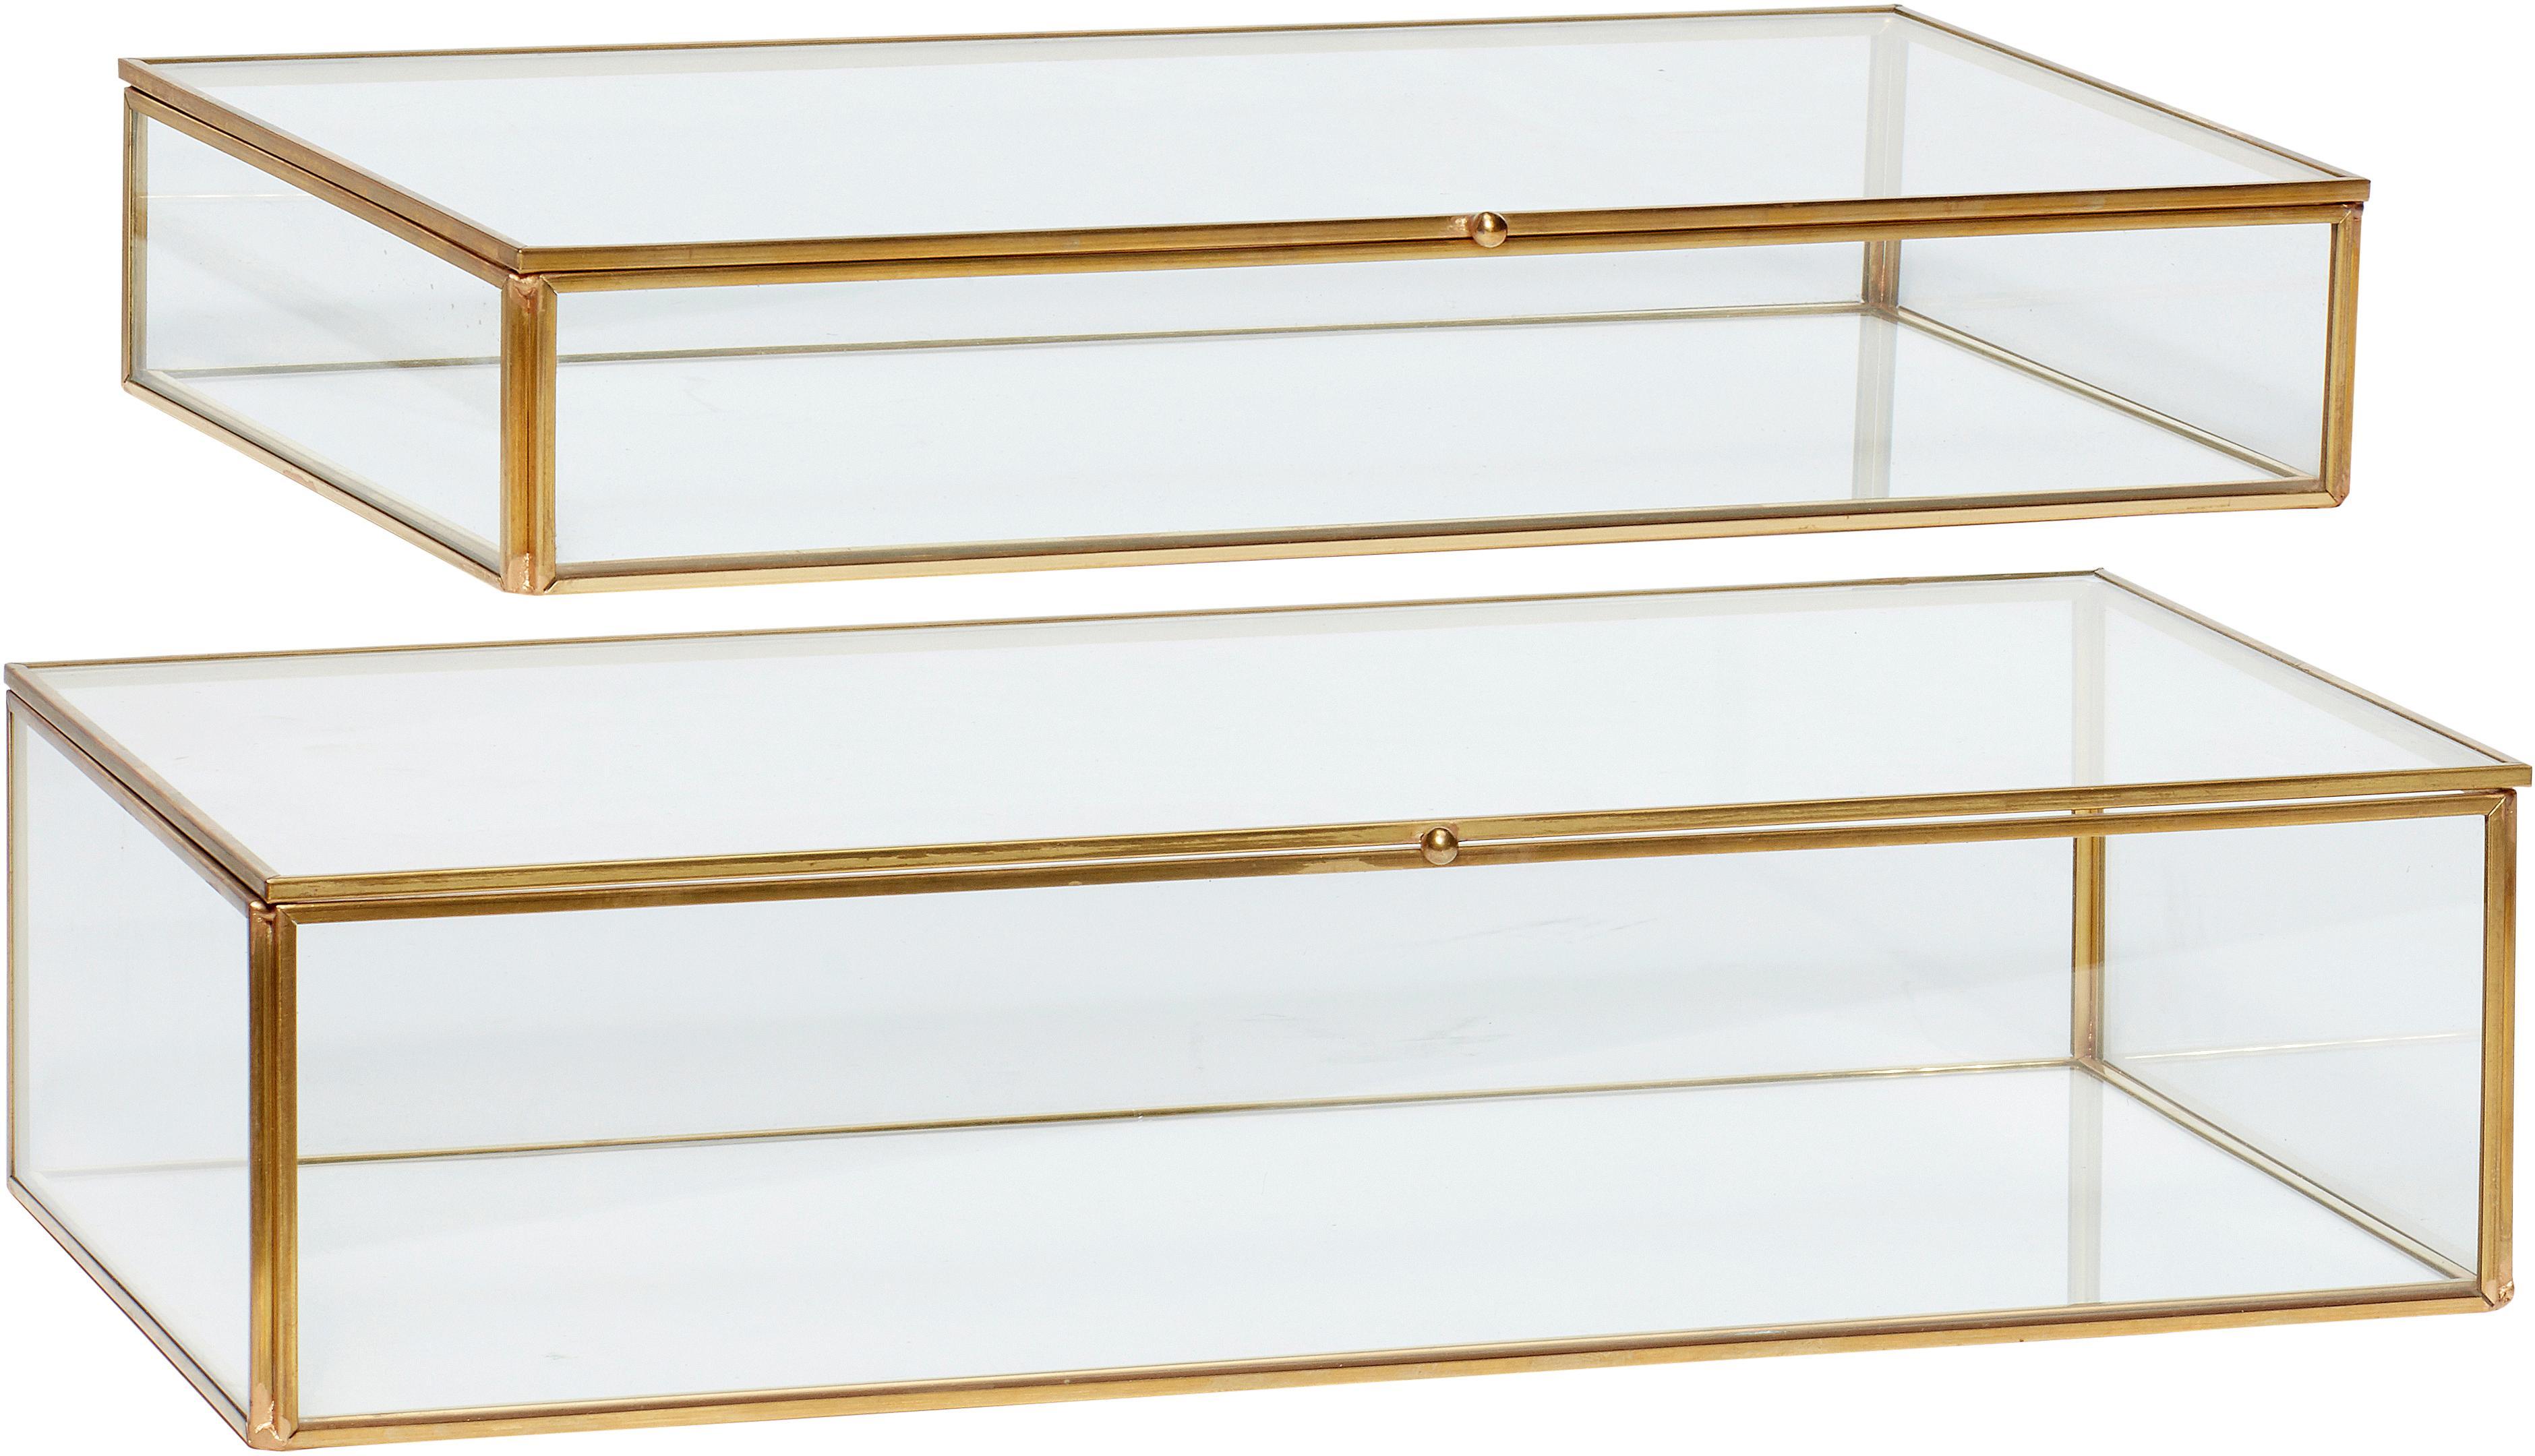 Aufbewahrungsboxen-Set Karia, 2-tlg., Rahmen: Messing, Box: Glas, Messing, Transparent, Sondergrößen